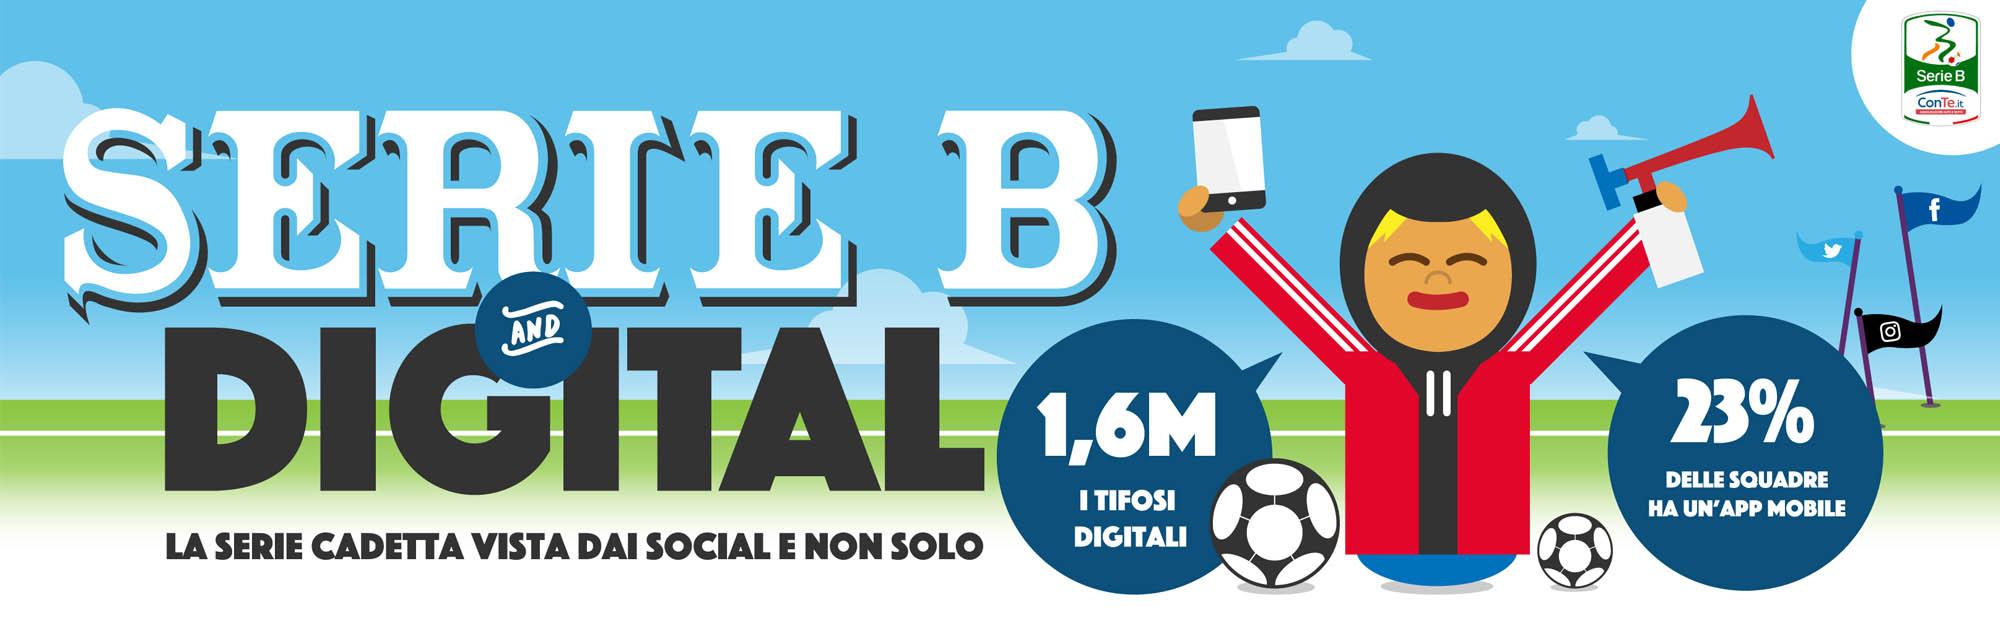 Lega Serie B: l'analisi sulla presenza digital dei club italiani e le potenzialità del mobile [INFOGRAFICA]